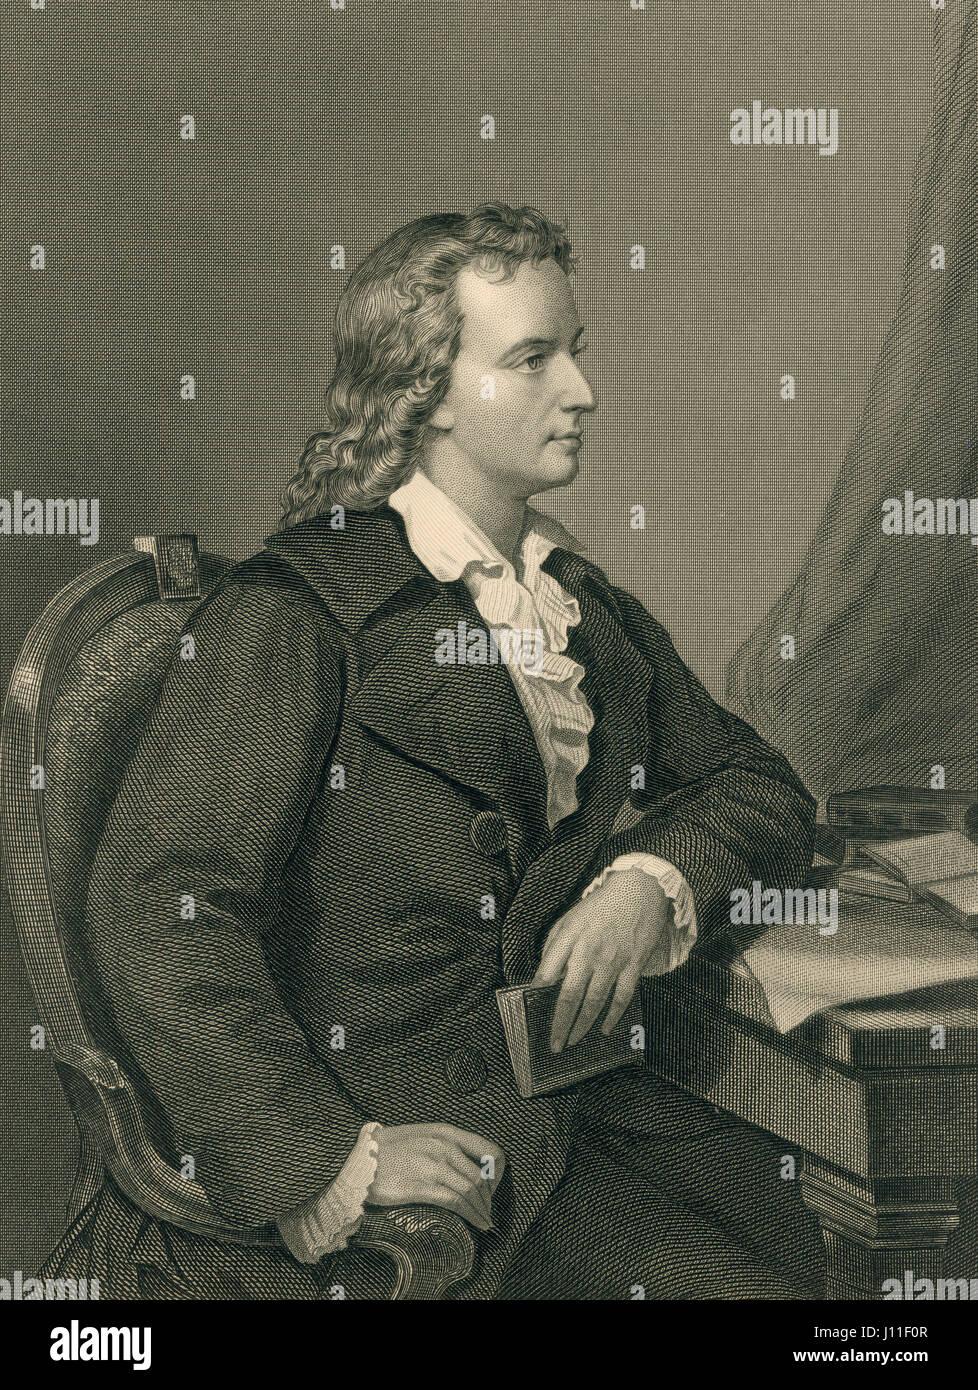 Friedrich von Schiller, German Poet, Portrait, Engraving from an Original Portrait by Melcher of Berlin - Stock Image